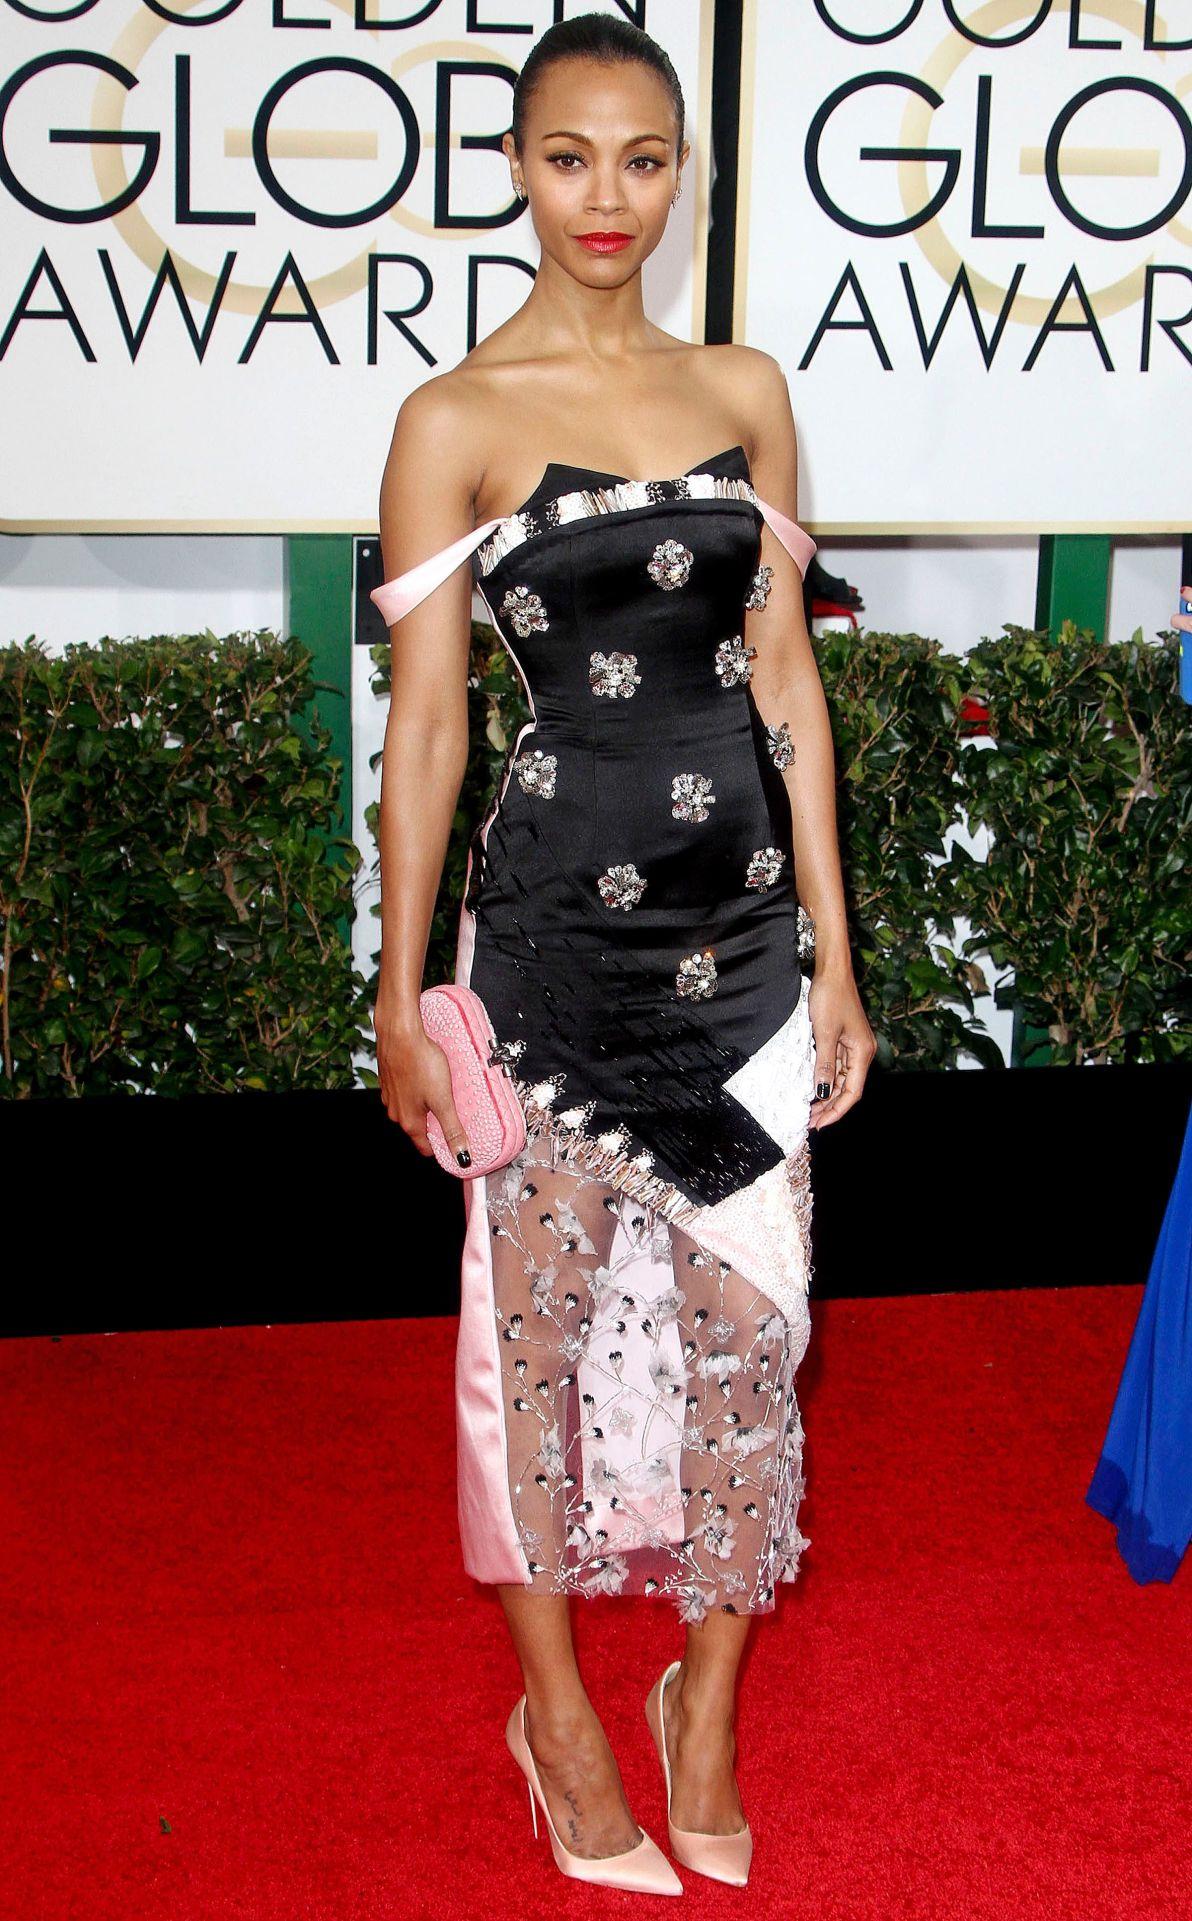 Zoe Saldana Golden Globe